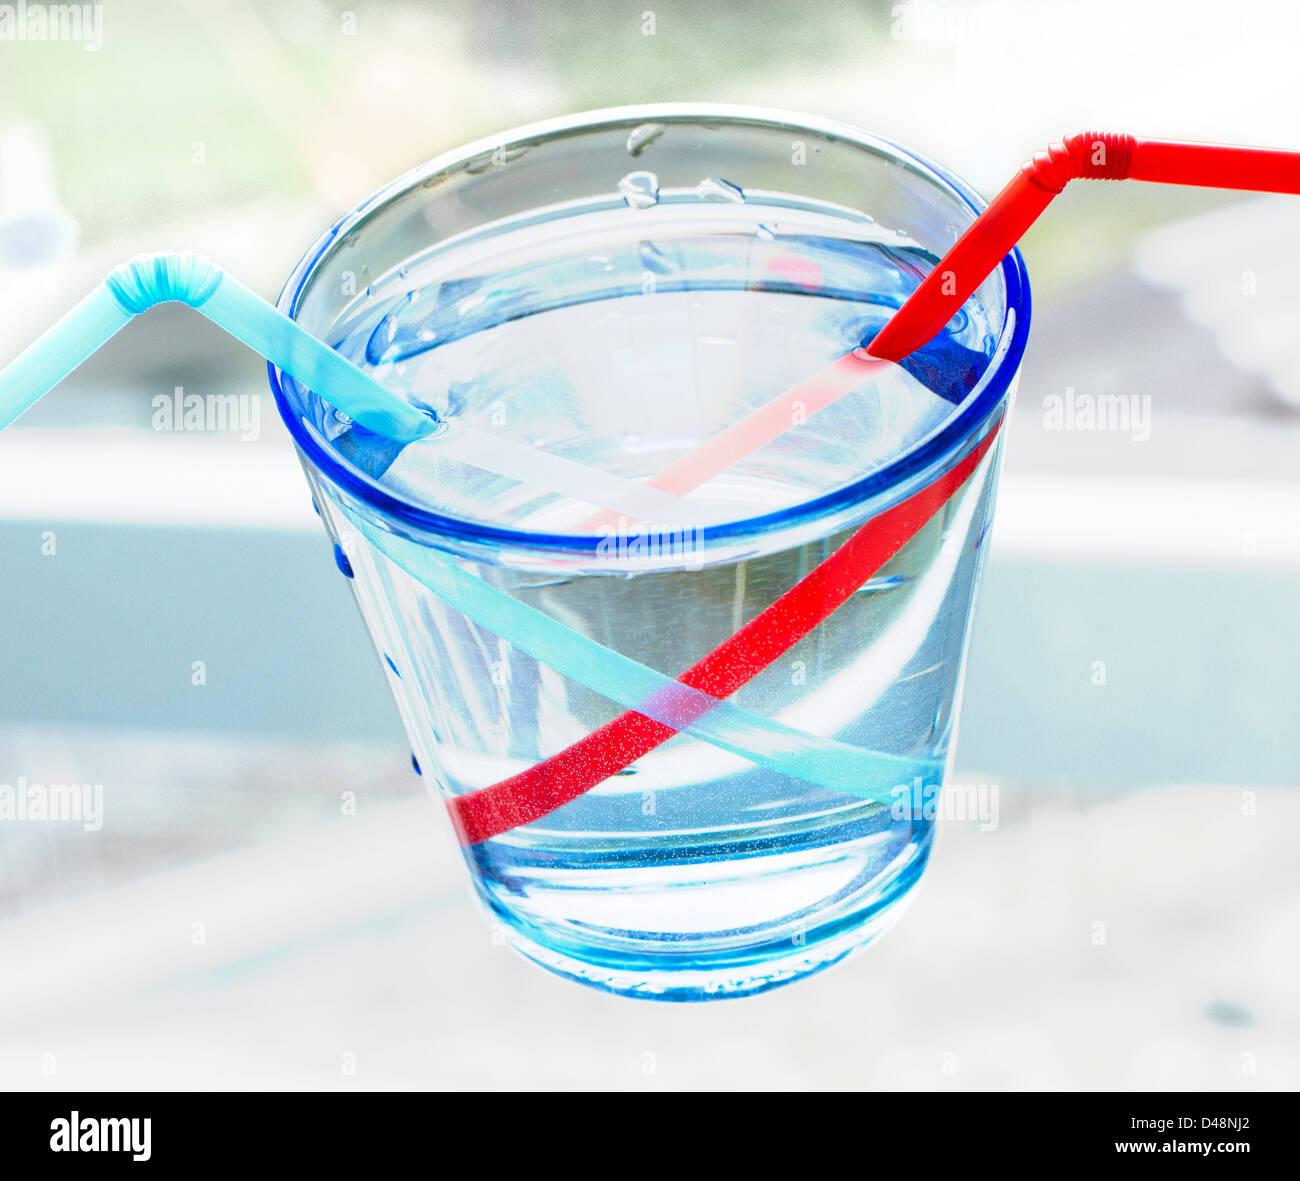 Verre avec deux pailles montrant la réfraction dans l'eau Photo Stock